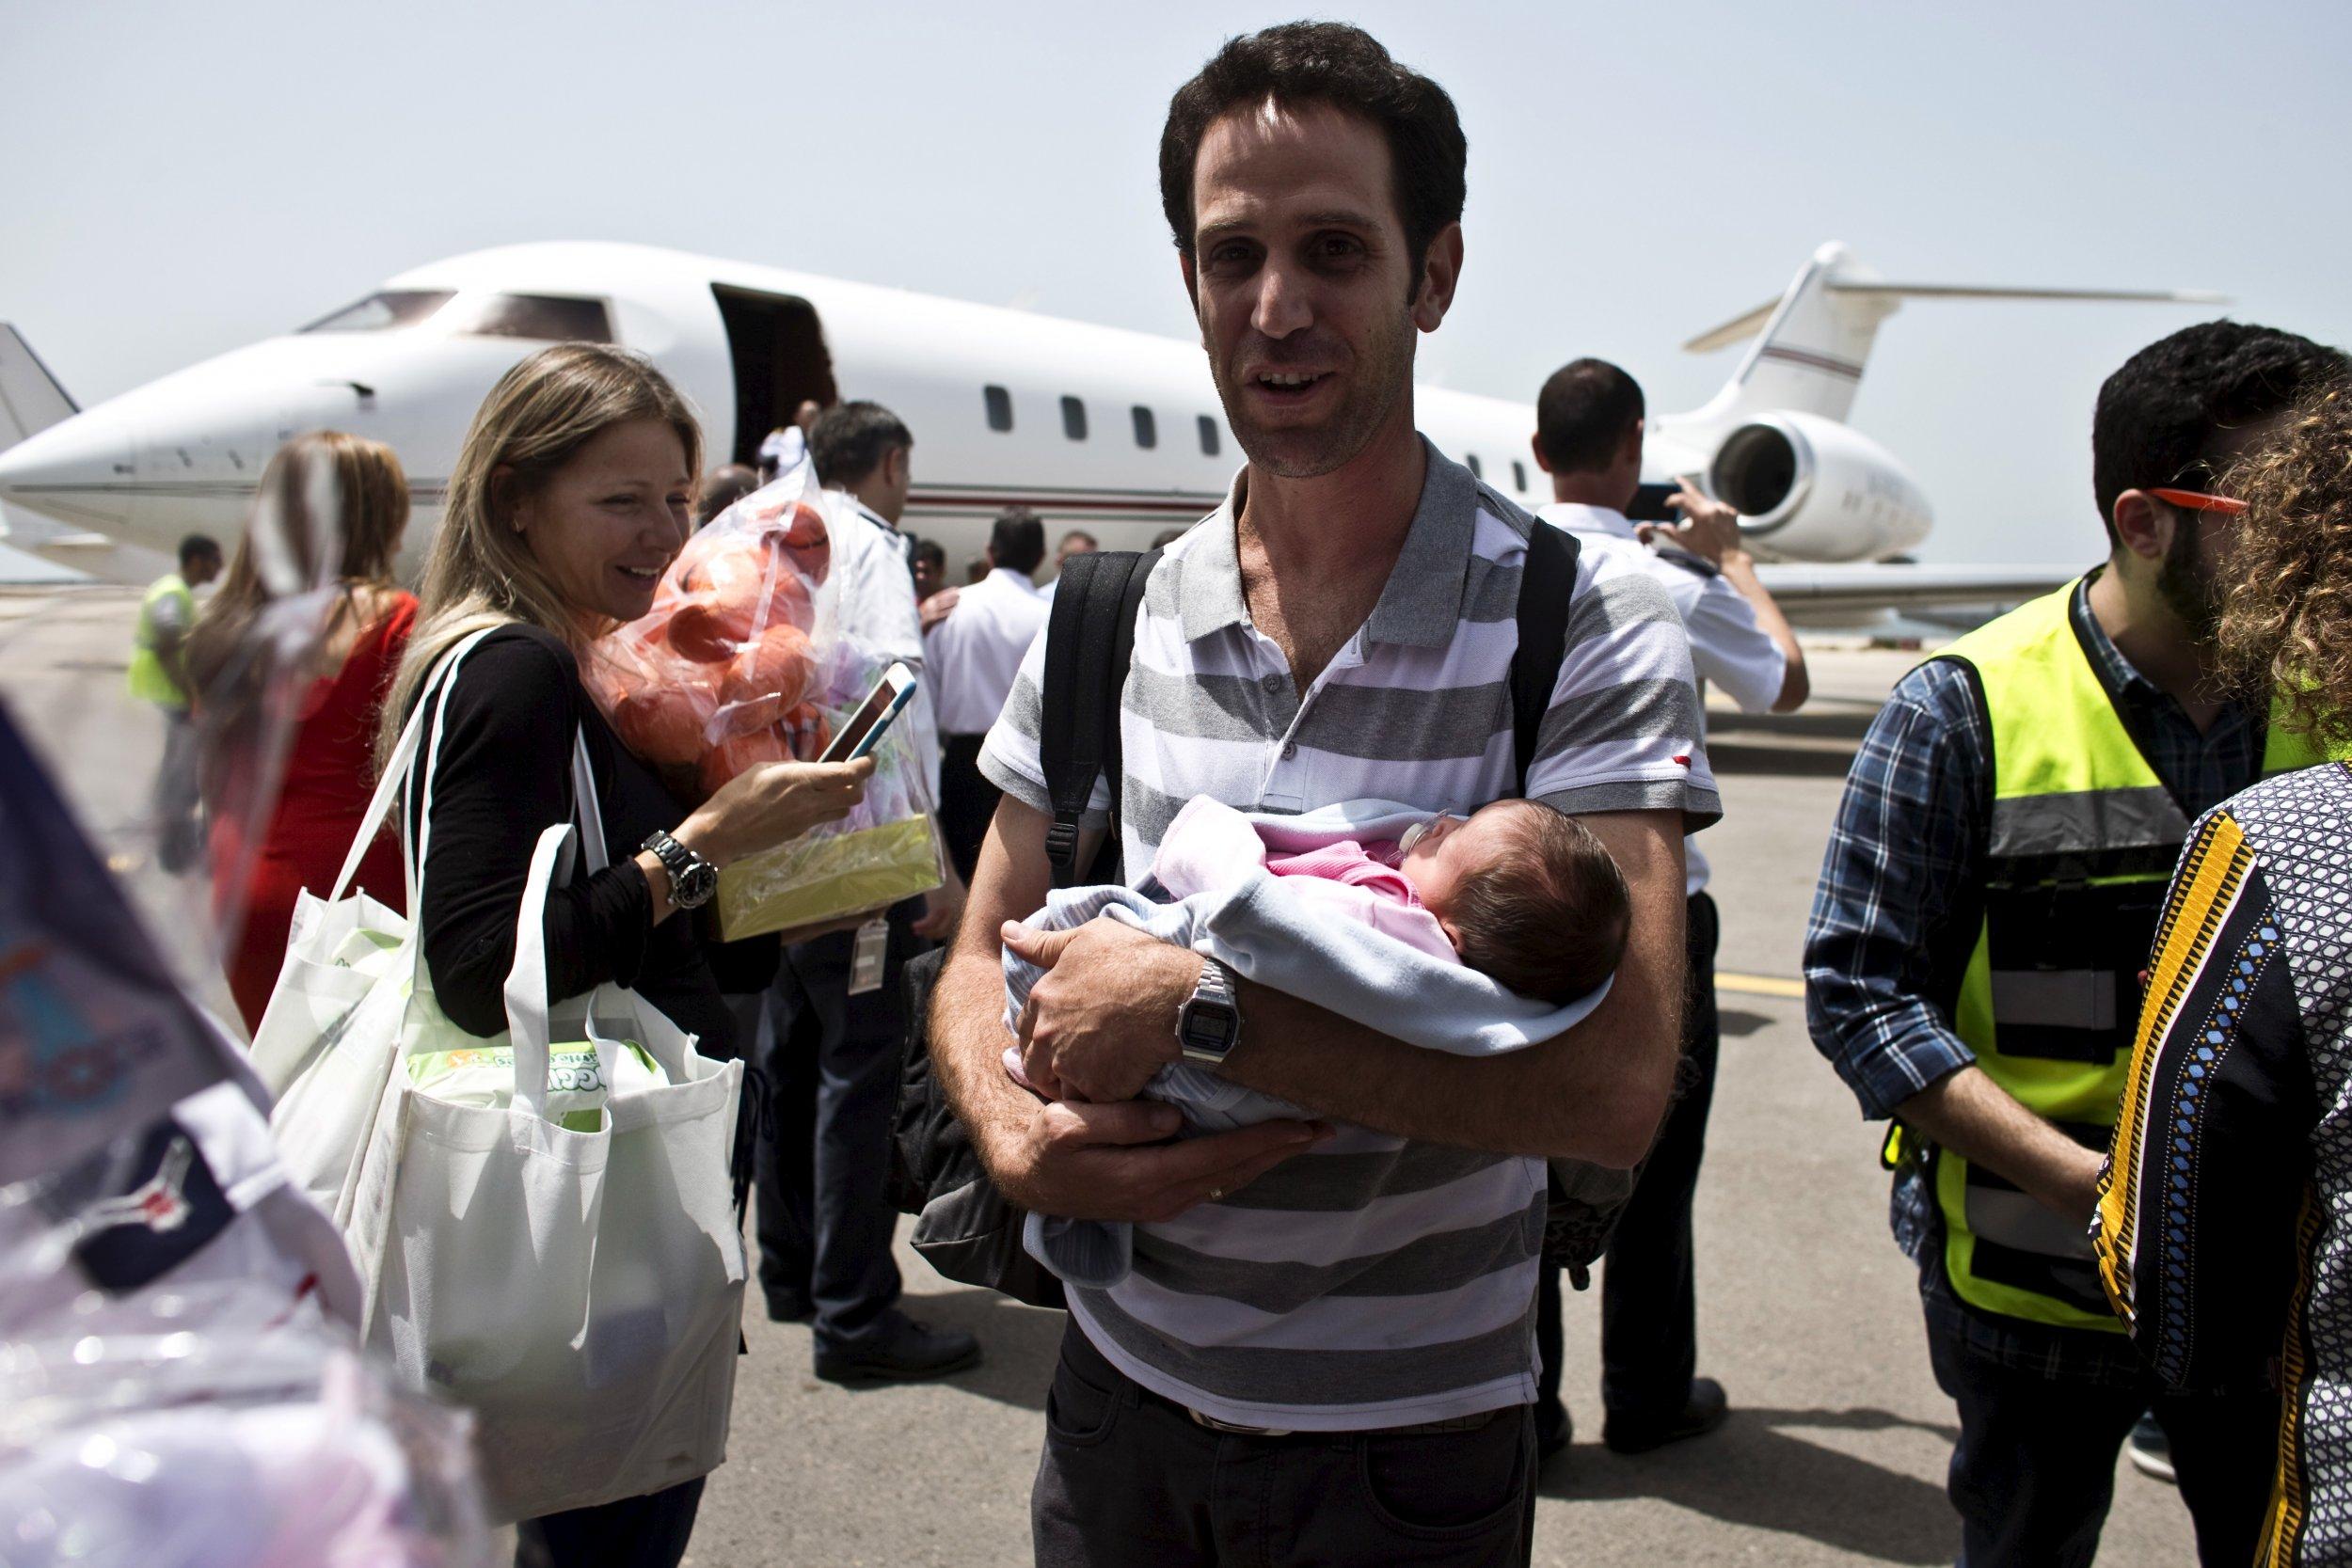 Israeli surrogate father